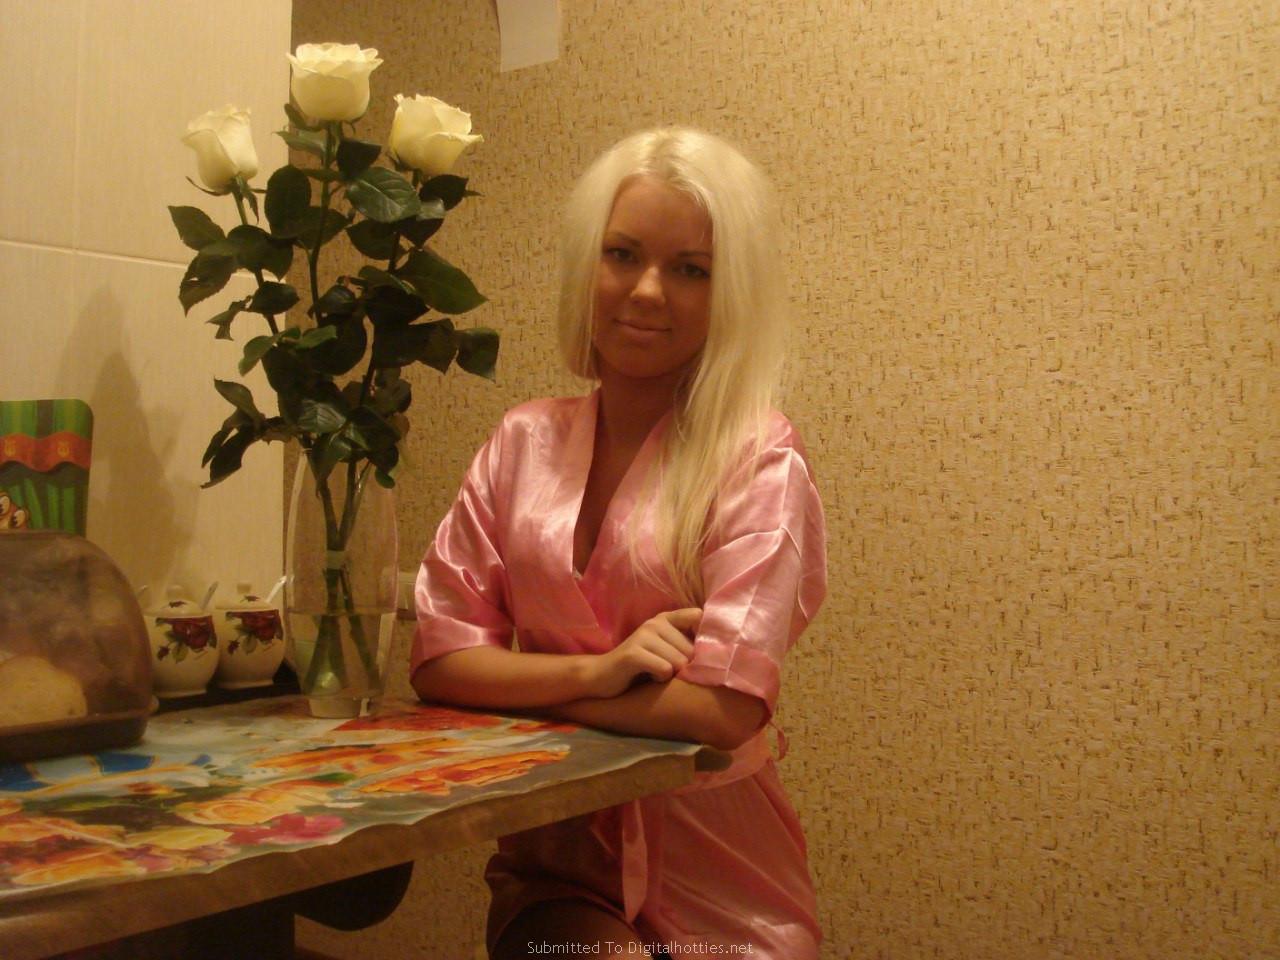 Русскую блондинку ебут трое, Трое русских парней трахают одну девушку - смотреть 17 фотография